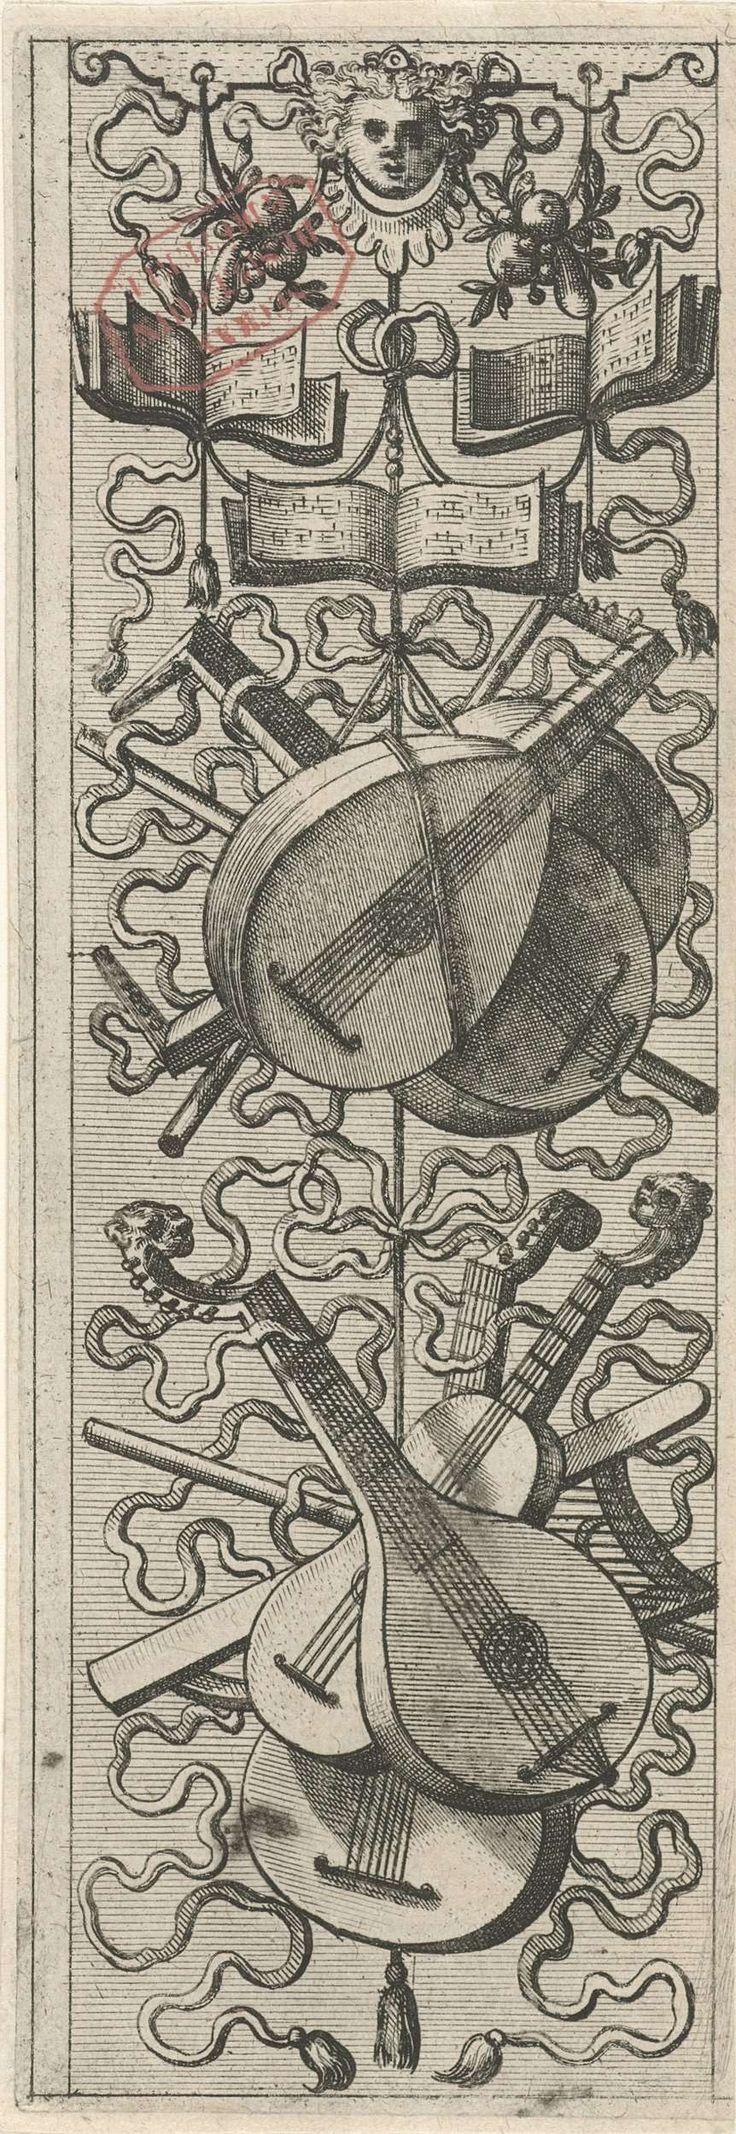 Johannes of Lucas van Doetechum | Muziekinstrumenten, Johannes of Lucas van Doetechum, Hans Vredeman de Vries, Gerard de Jode, 1572 | Drie muziekboeken en snaarinstrumenten. Uit serie, bestaande uit een titelblad en 16 bladen.